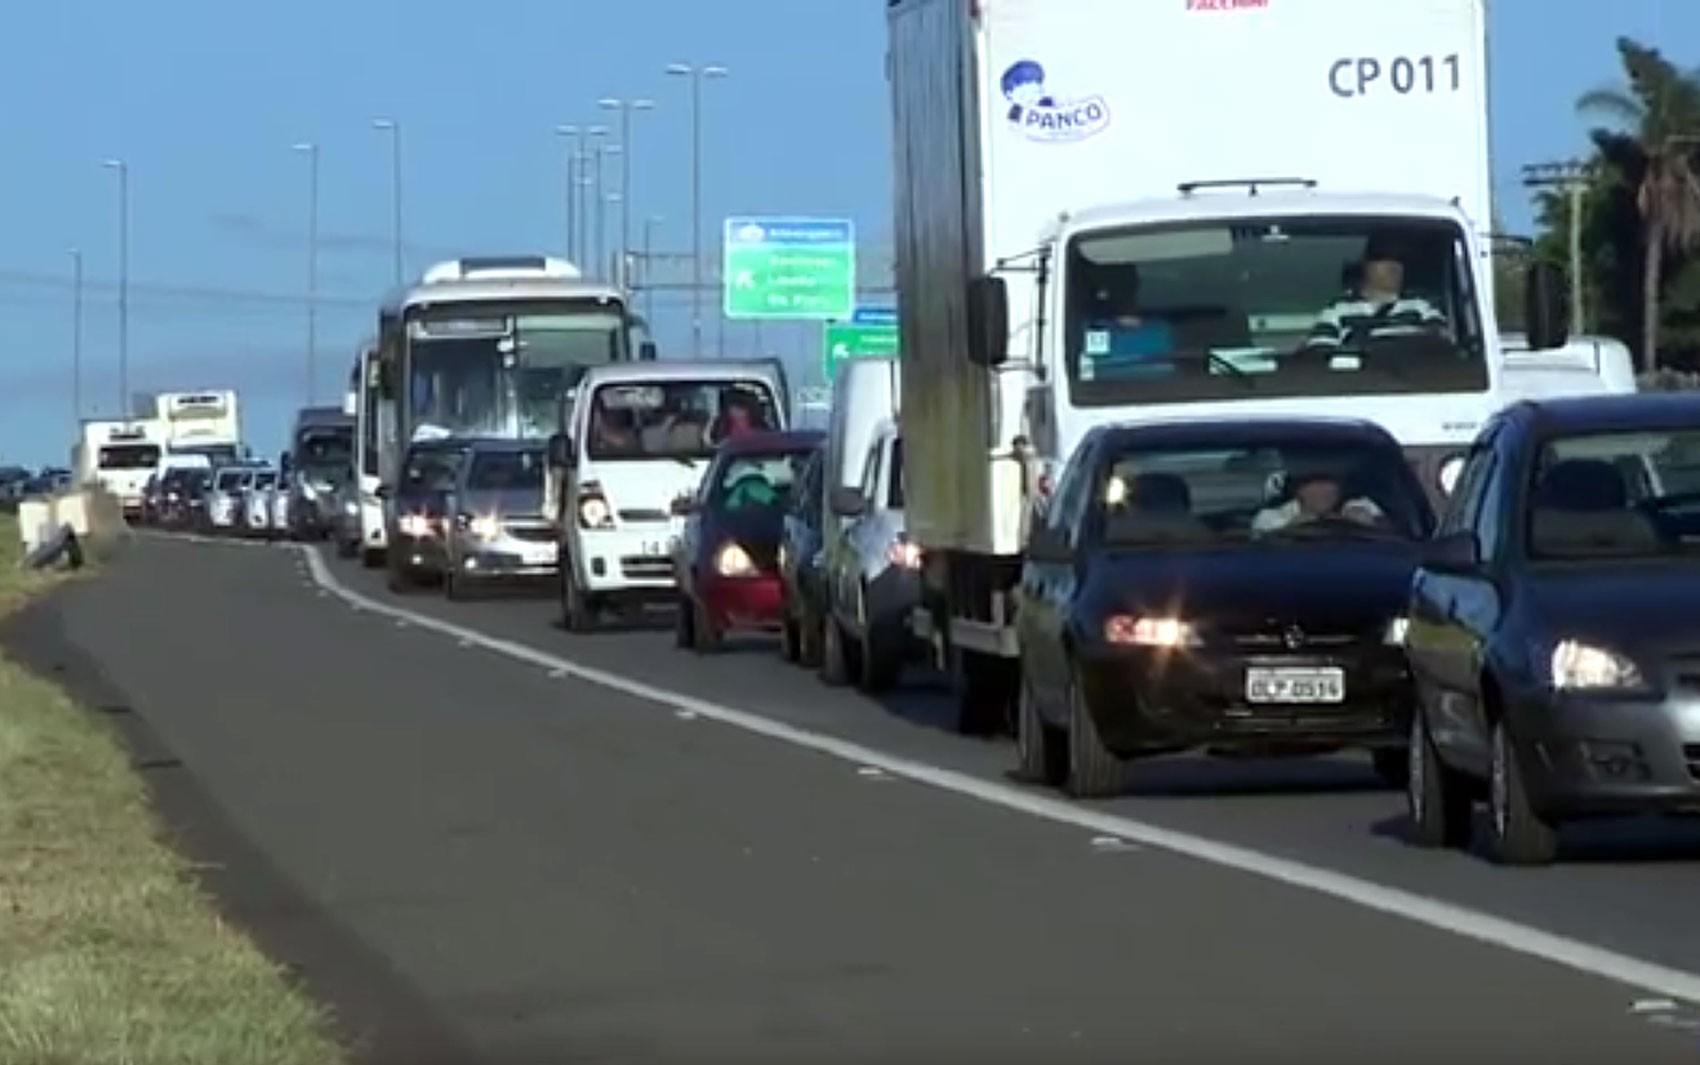 Rodovia Dom Pedro I, em Campinas, tem interdição na altura do shopping até sexta - Noticias